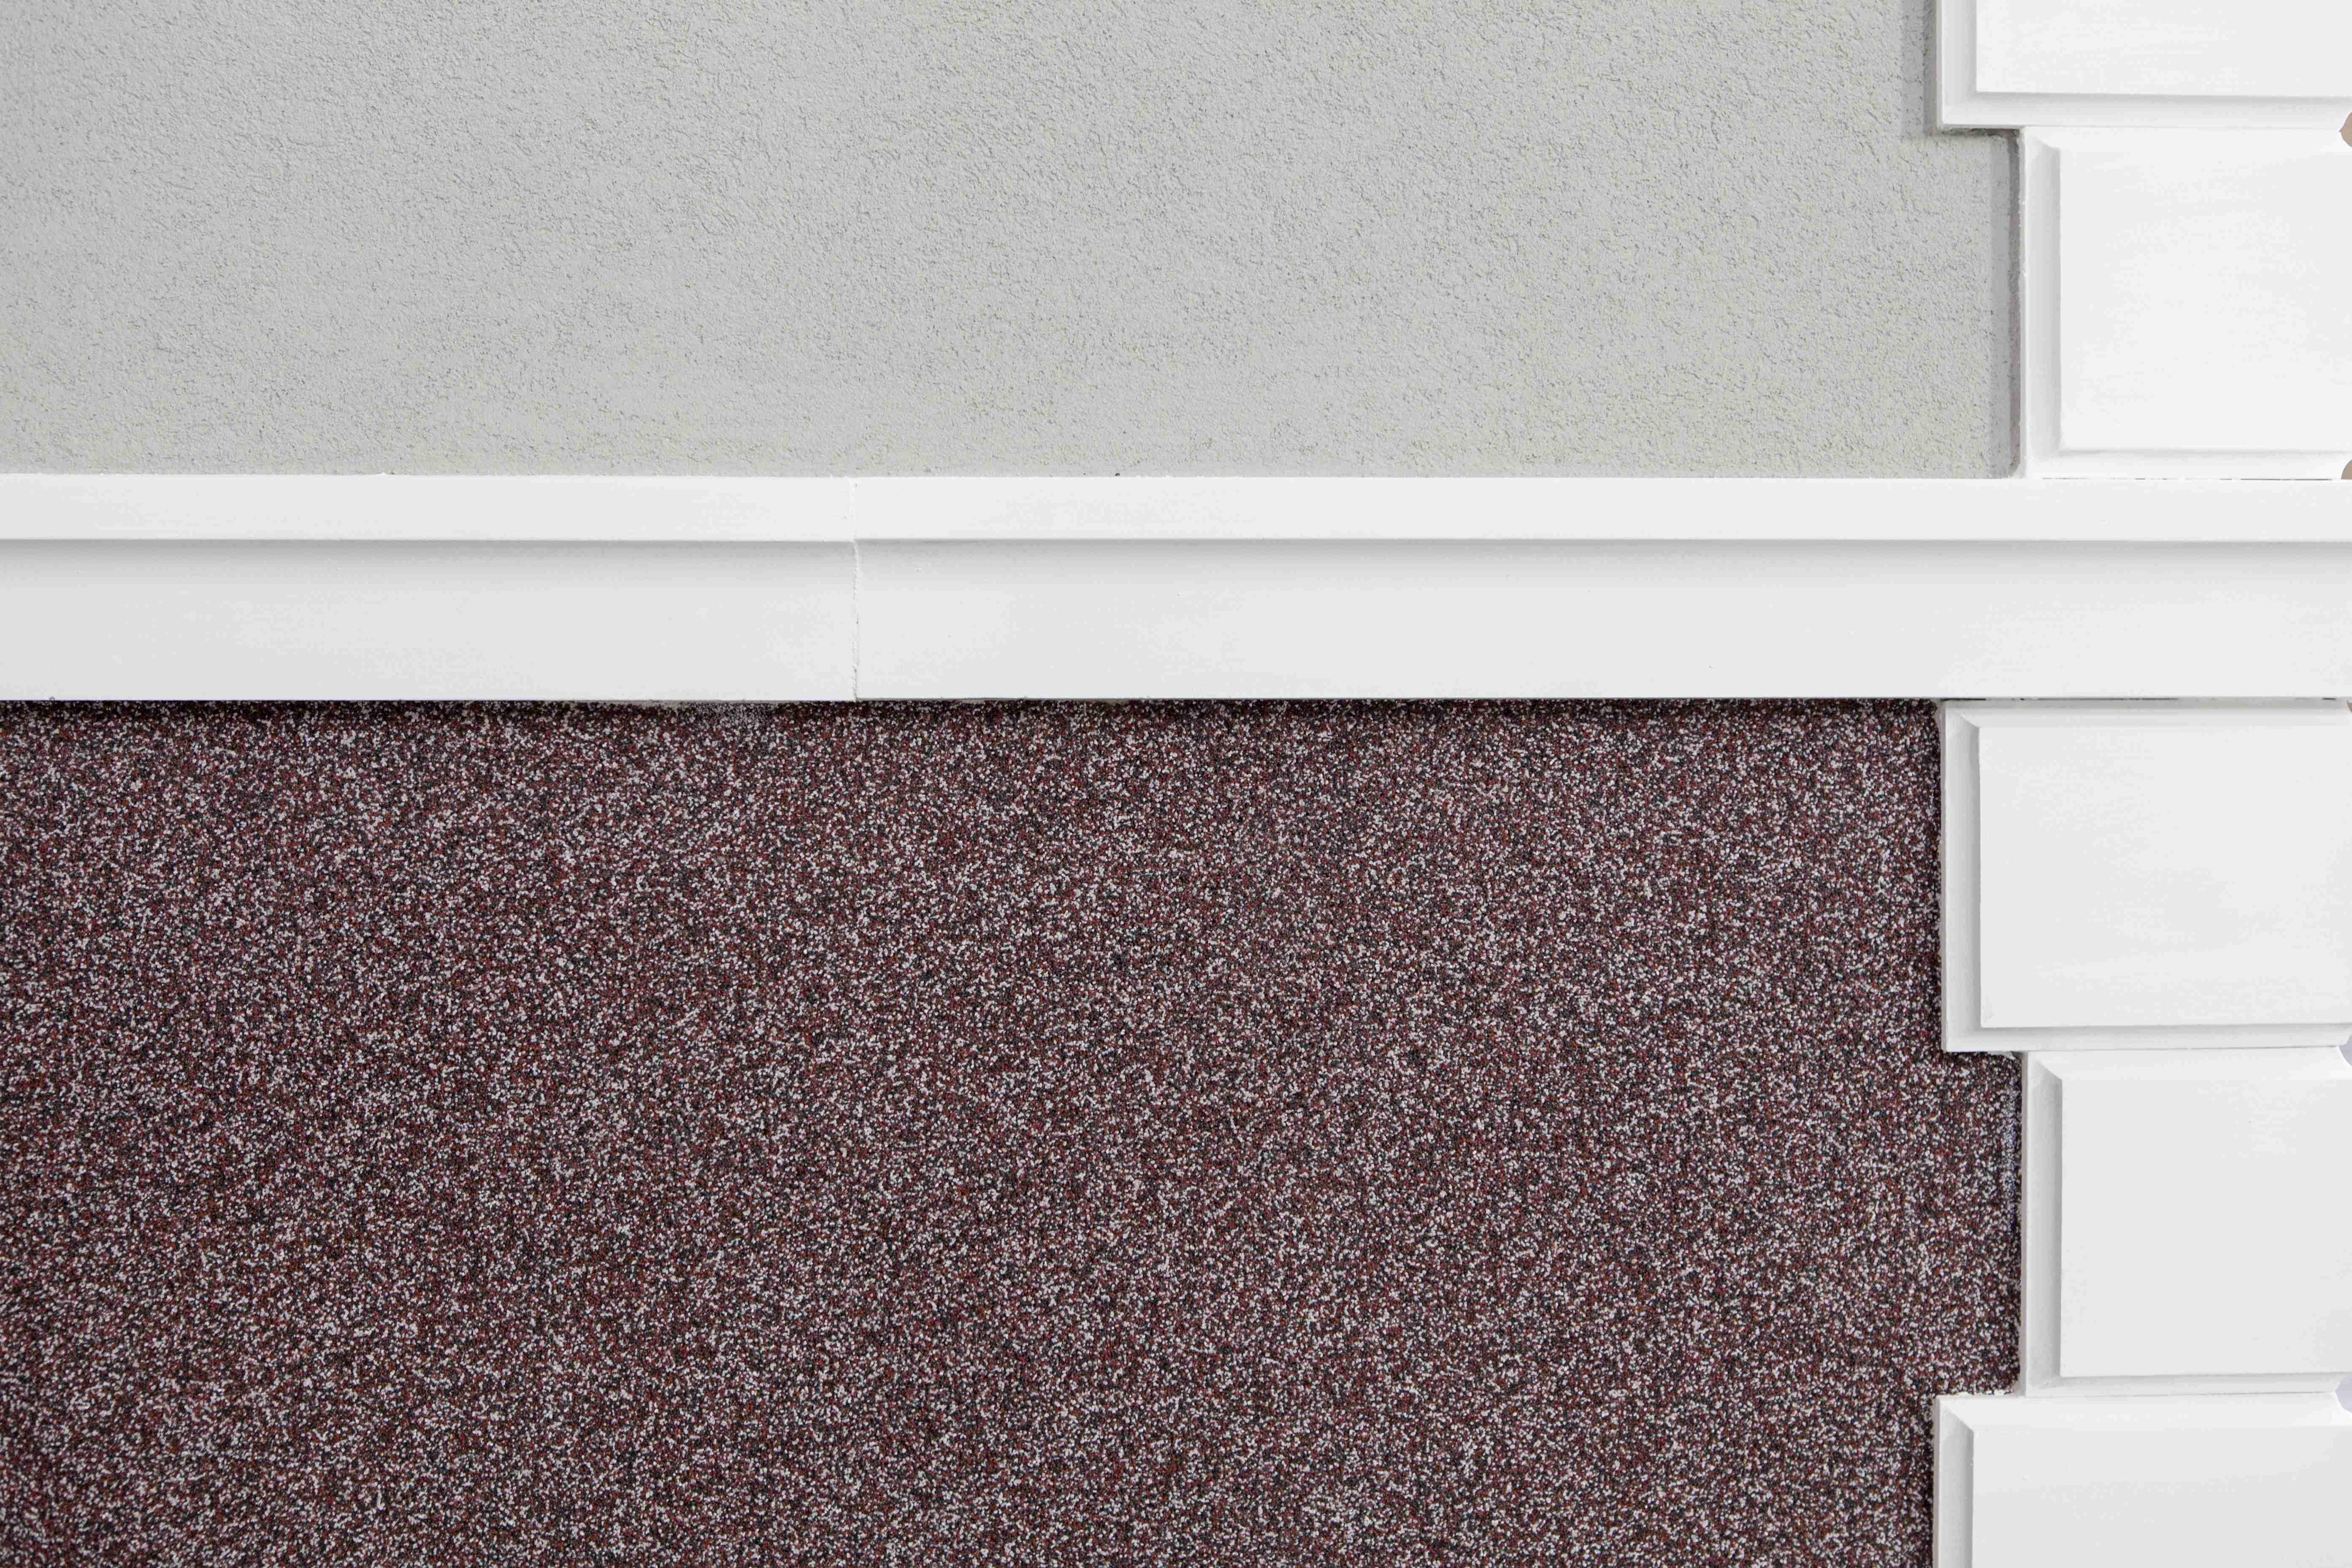 verarbeitungsfertiger putz im eimer fertigputz im eimer informieren fassaden gestalten. Black Bedroom Furniture Sets. Home Design Ideas